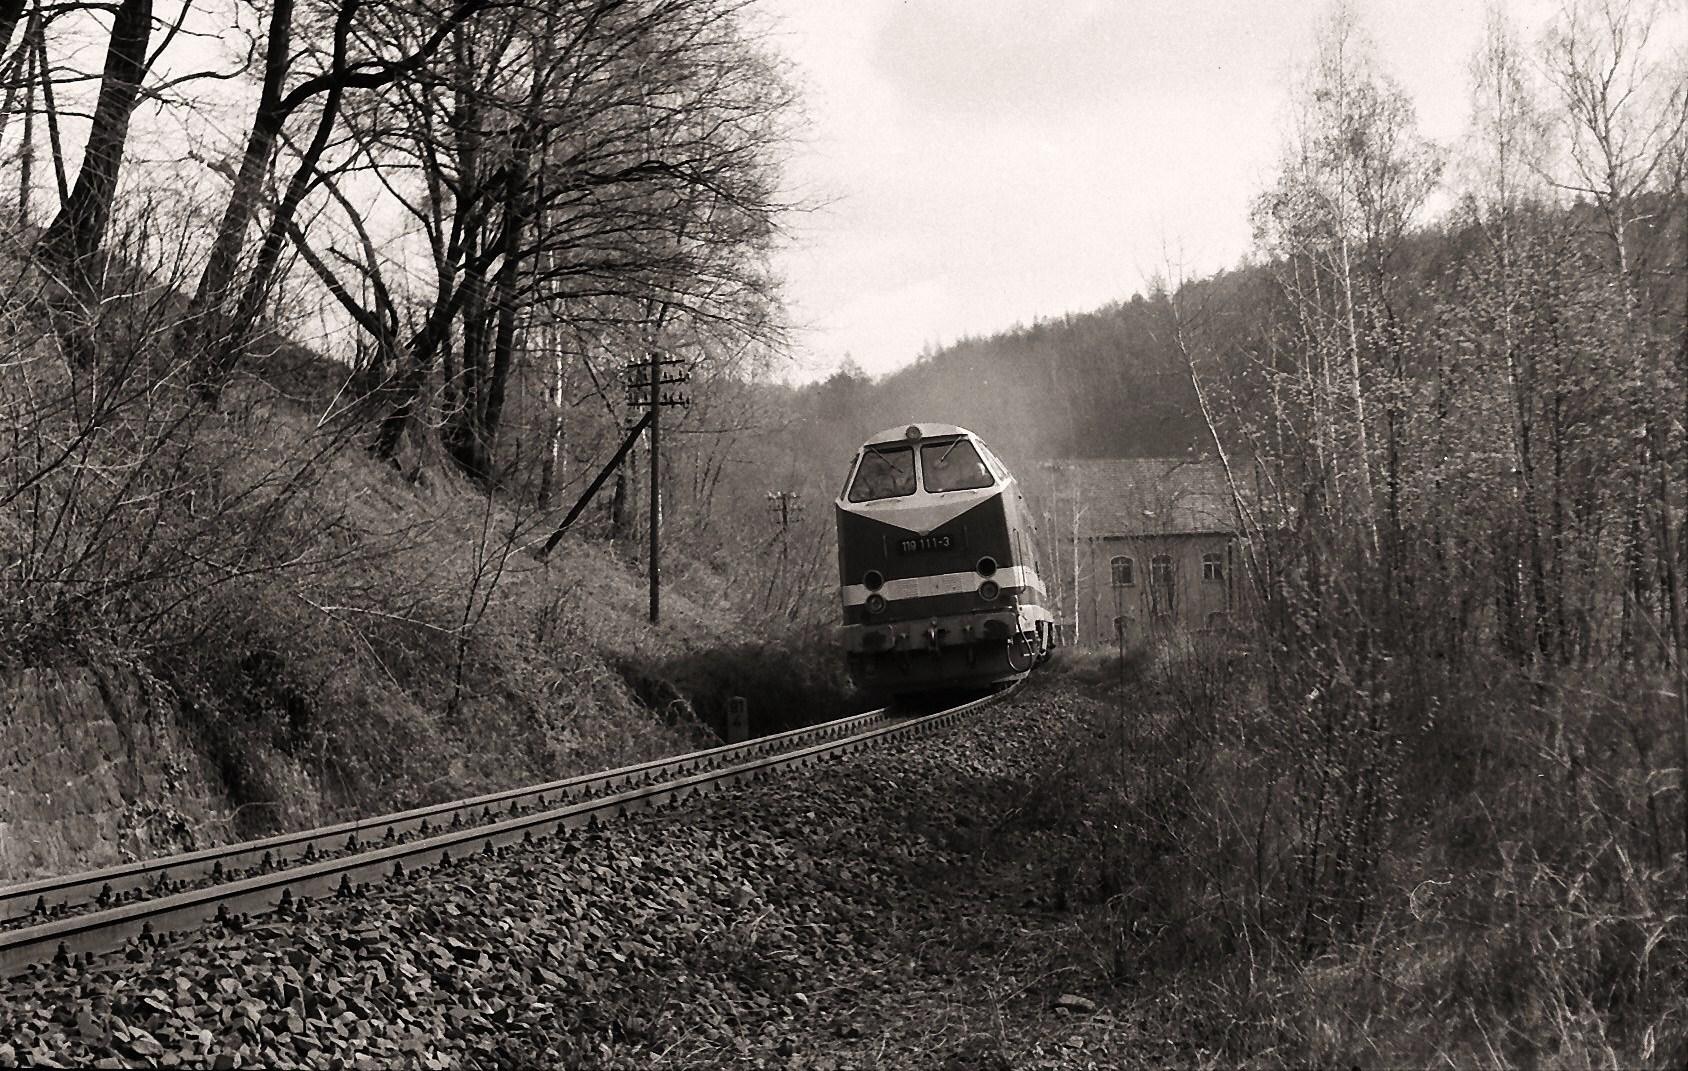 Wegen  einer Streckensperrung in Riesa  ...